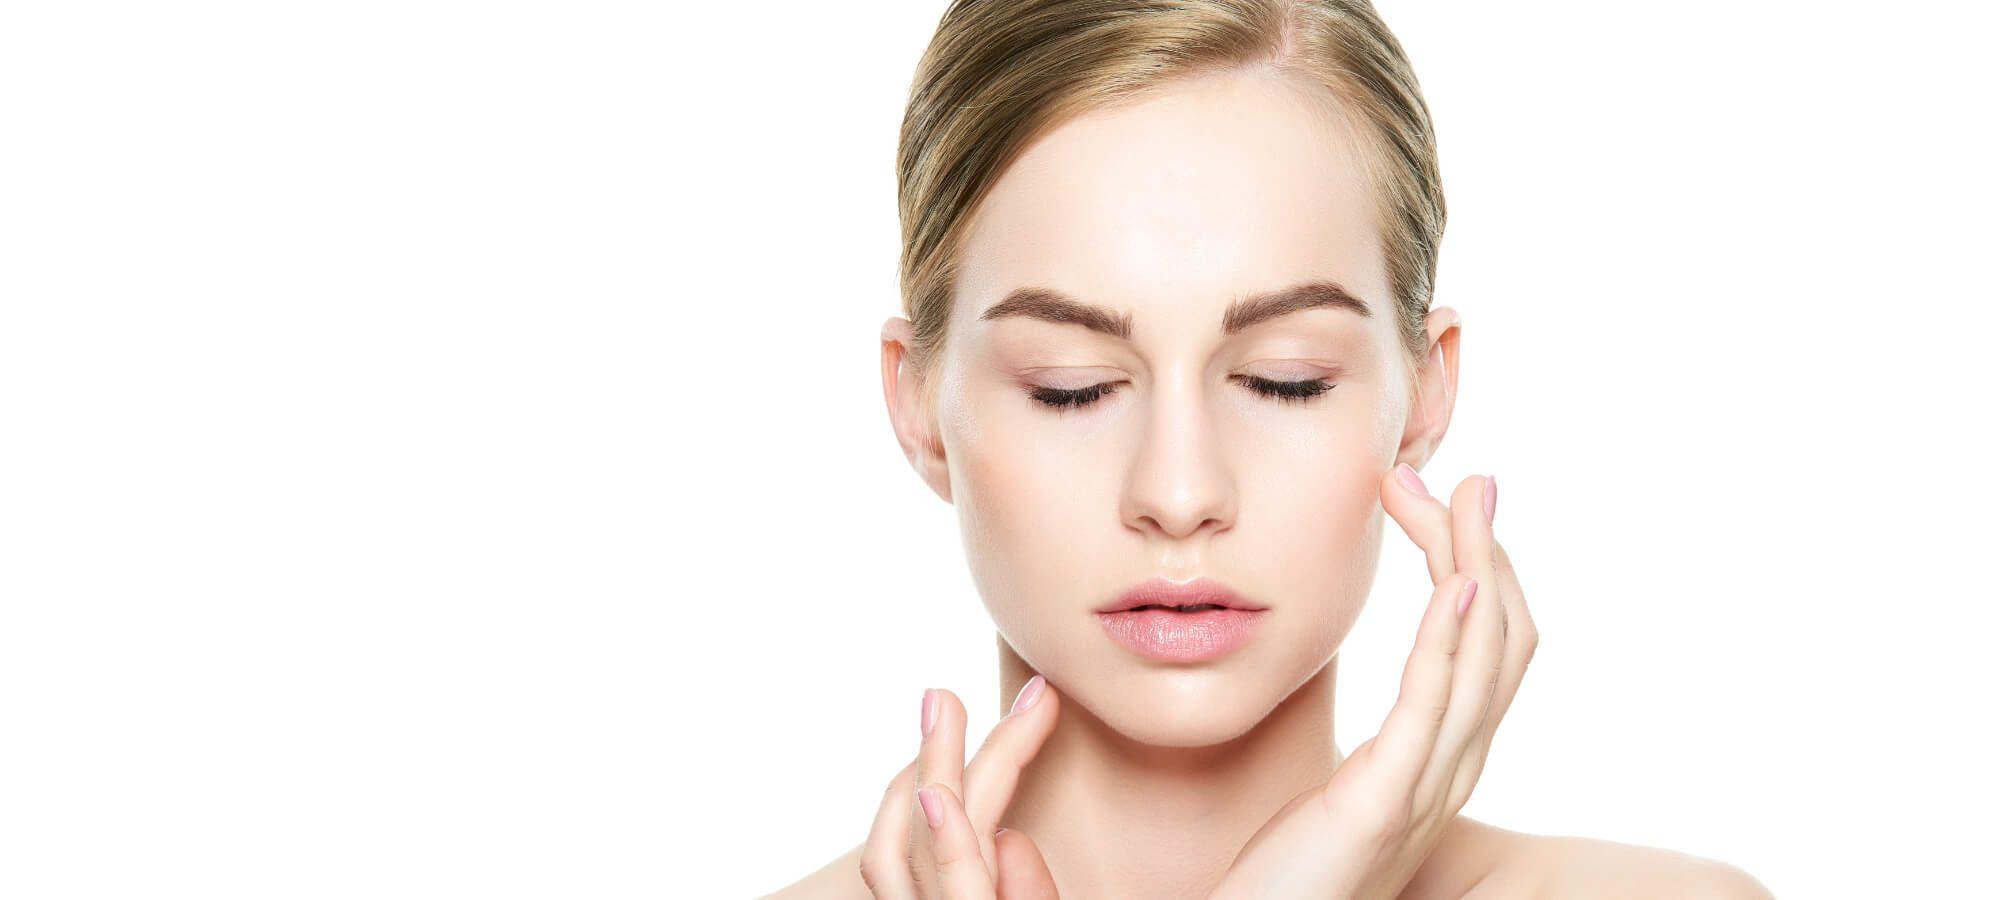 Chemisches Peeling zur Hautverjüngung